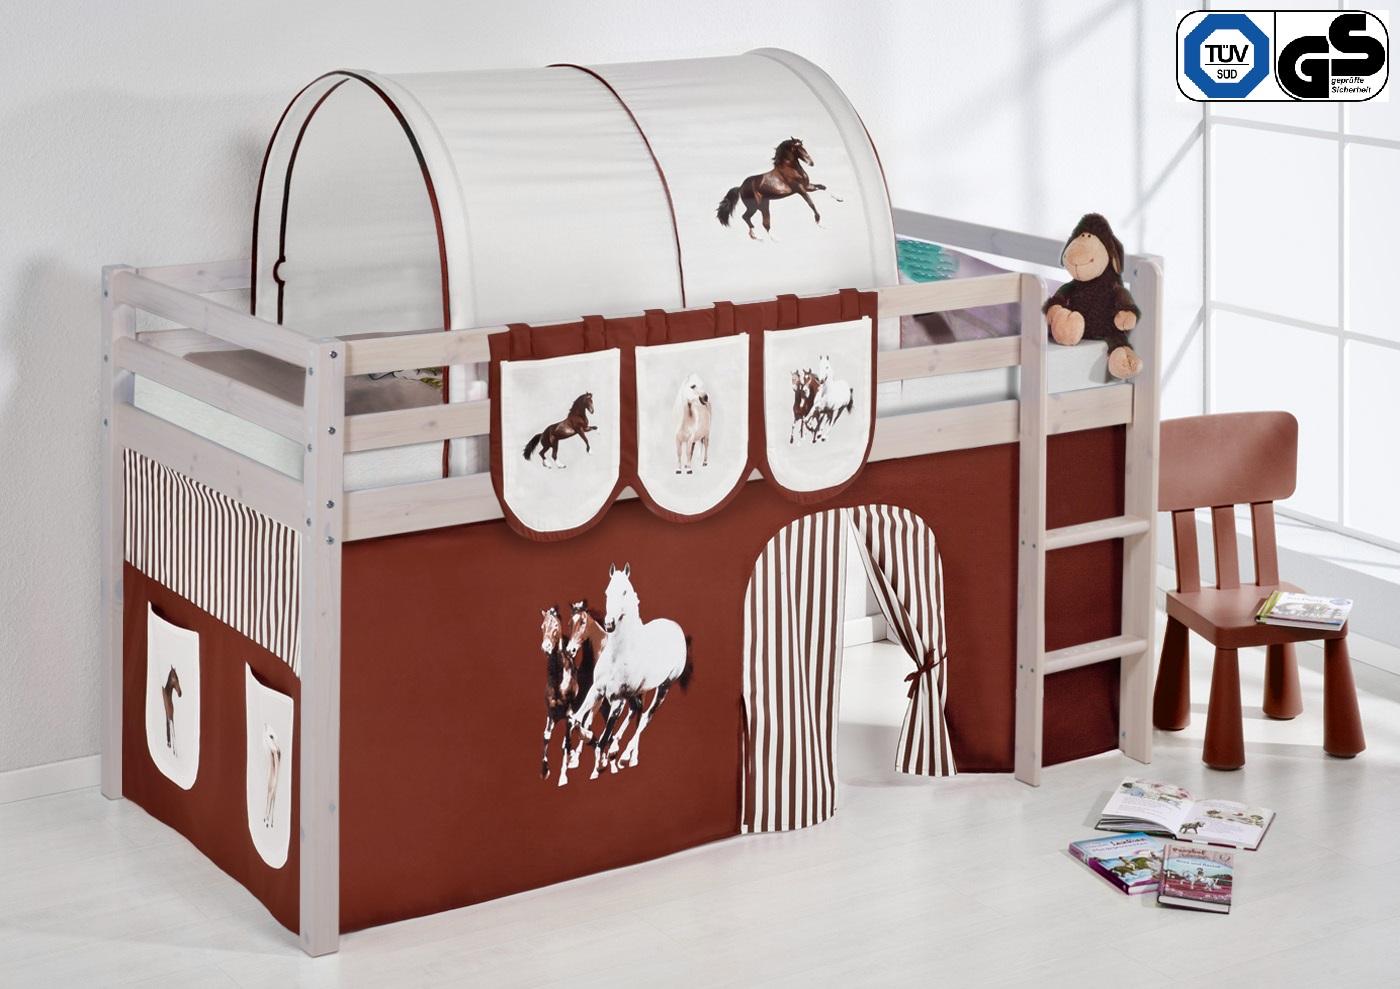 spielbett hochbett kinderbett kinder bett nele kiefer vorhang t v gs gepr ft ebay. Black Bedroom Furniture Sets. Home Design Ideas